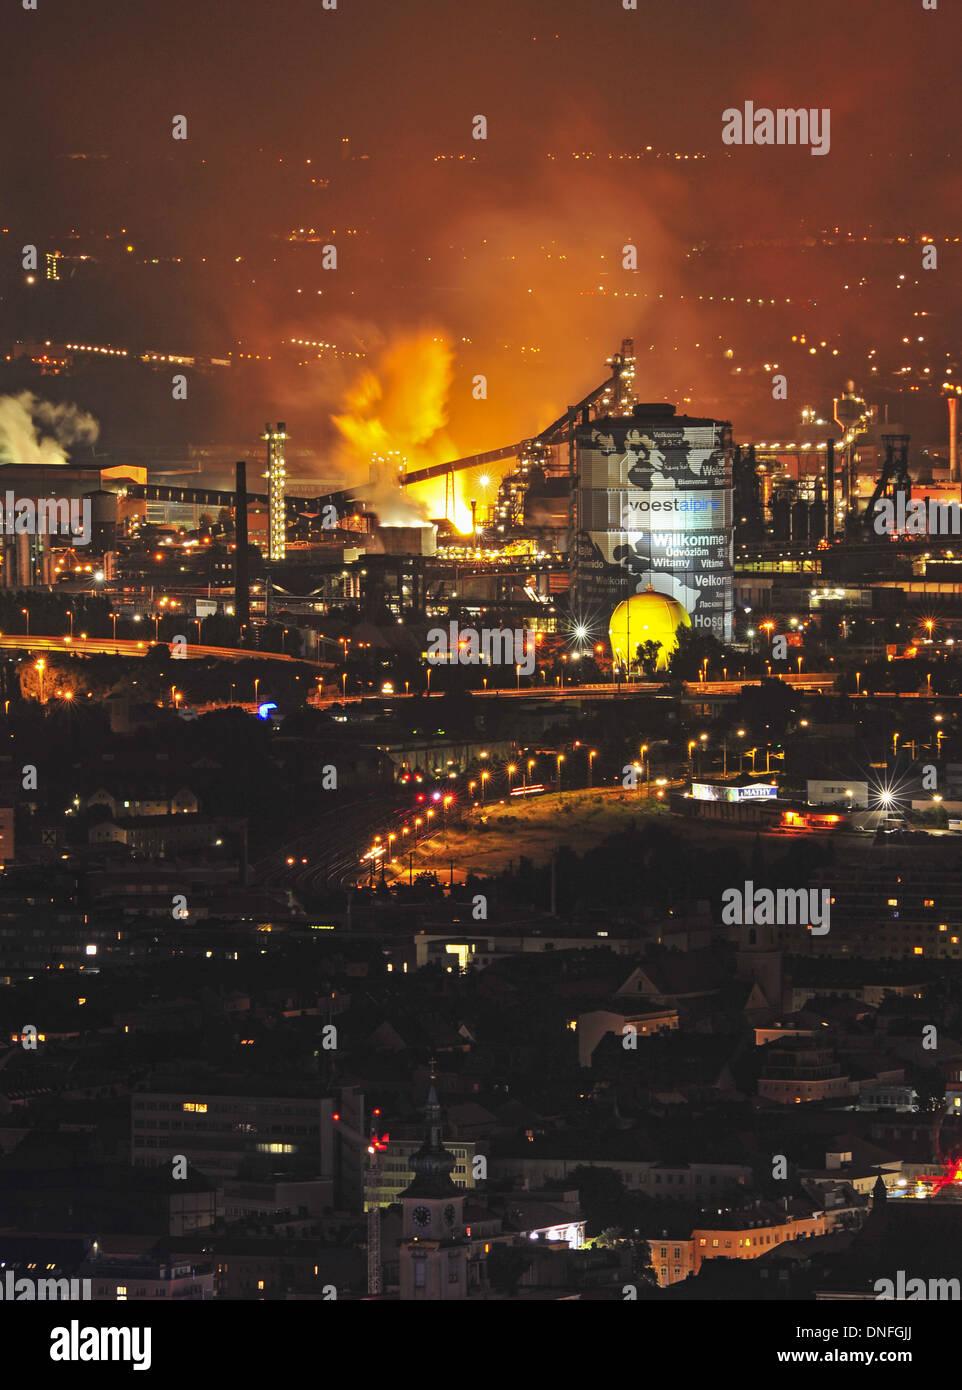 Blick vom Pöstlingberg auf VÖEST Linz, Industrie, Hochofen, Stadansicht, Nachtaufnahme - Stock Image